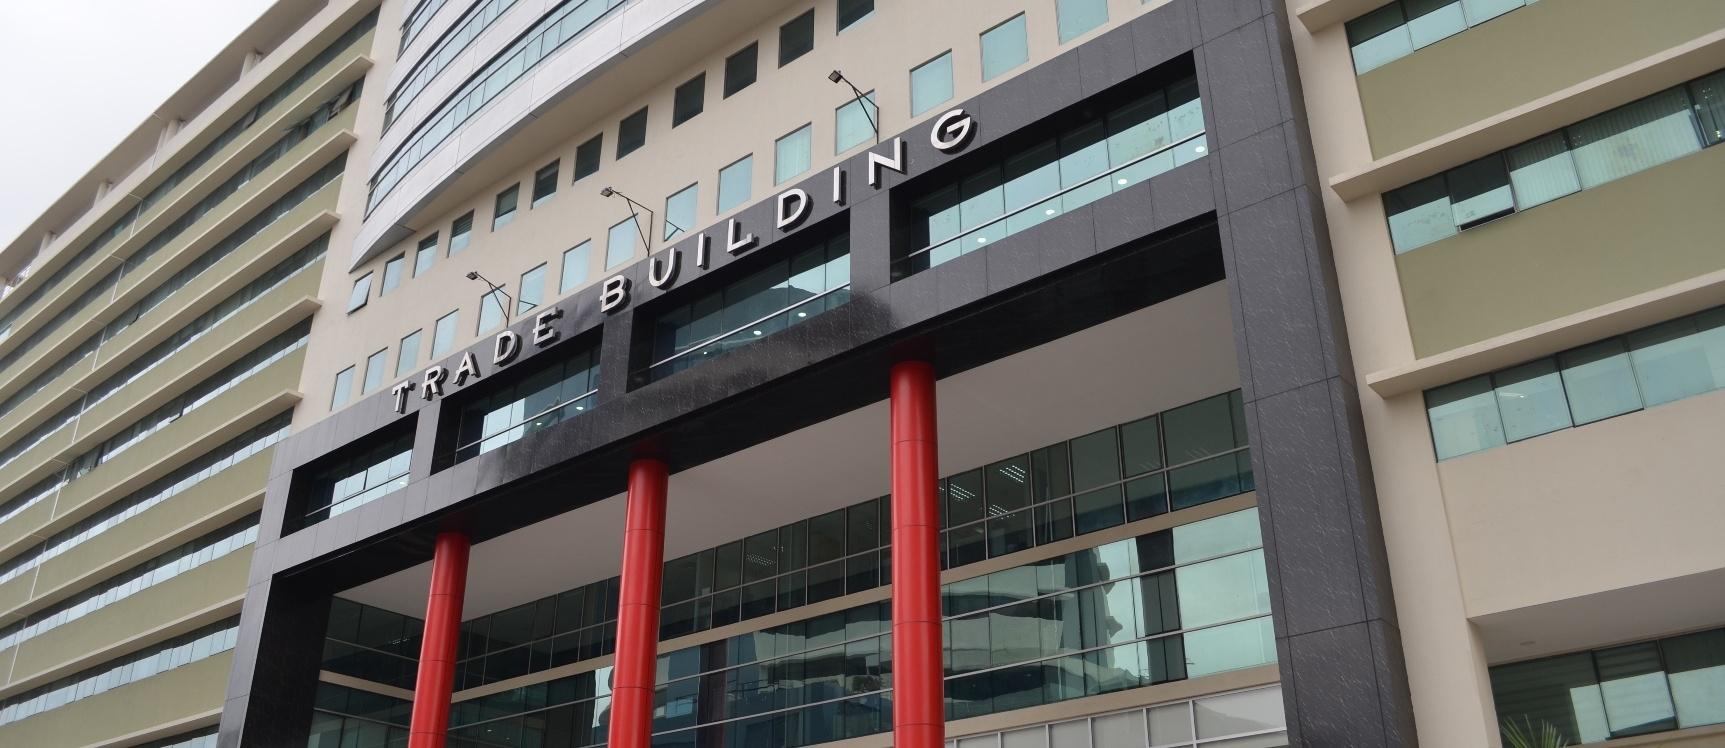 GeoBienes - Oficina en alquiler en Edificio Trade Building sector Norte - Plusvalia Guayaquil Casas de venta y alquiler Inmobiliaria Ecuador